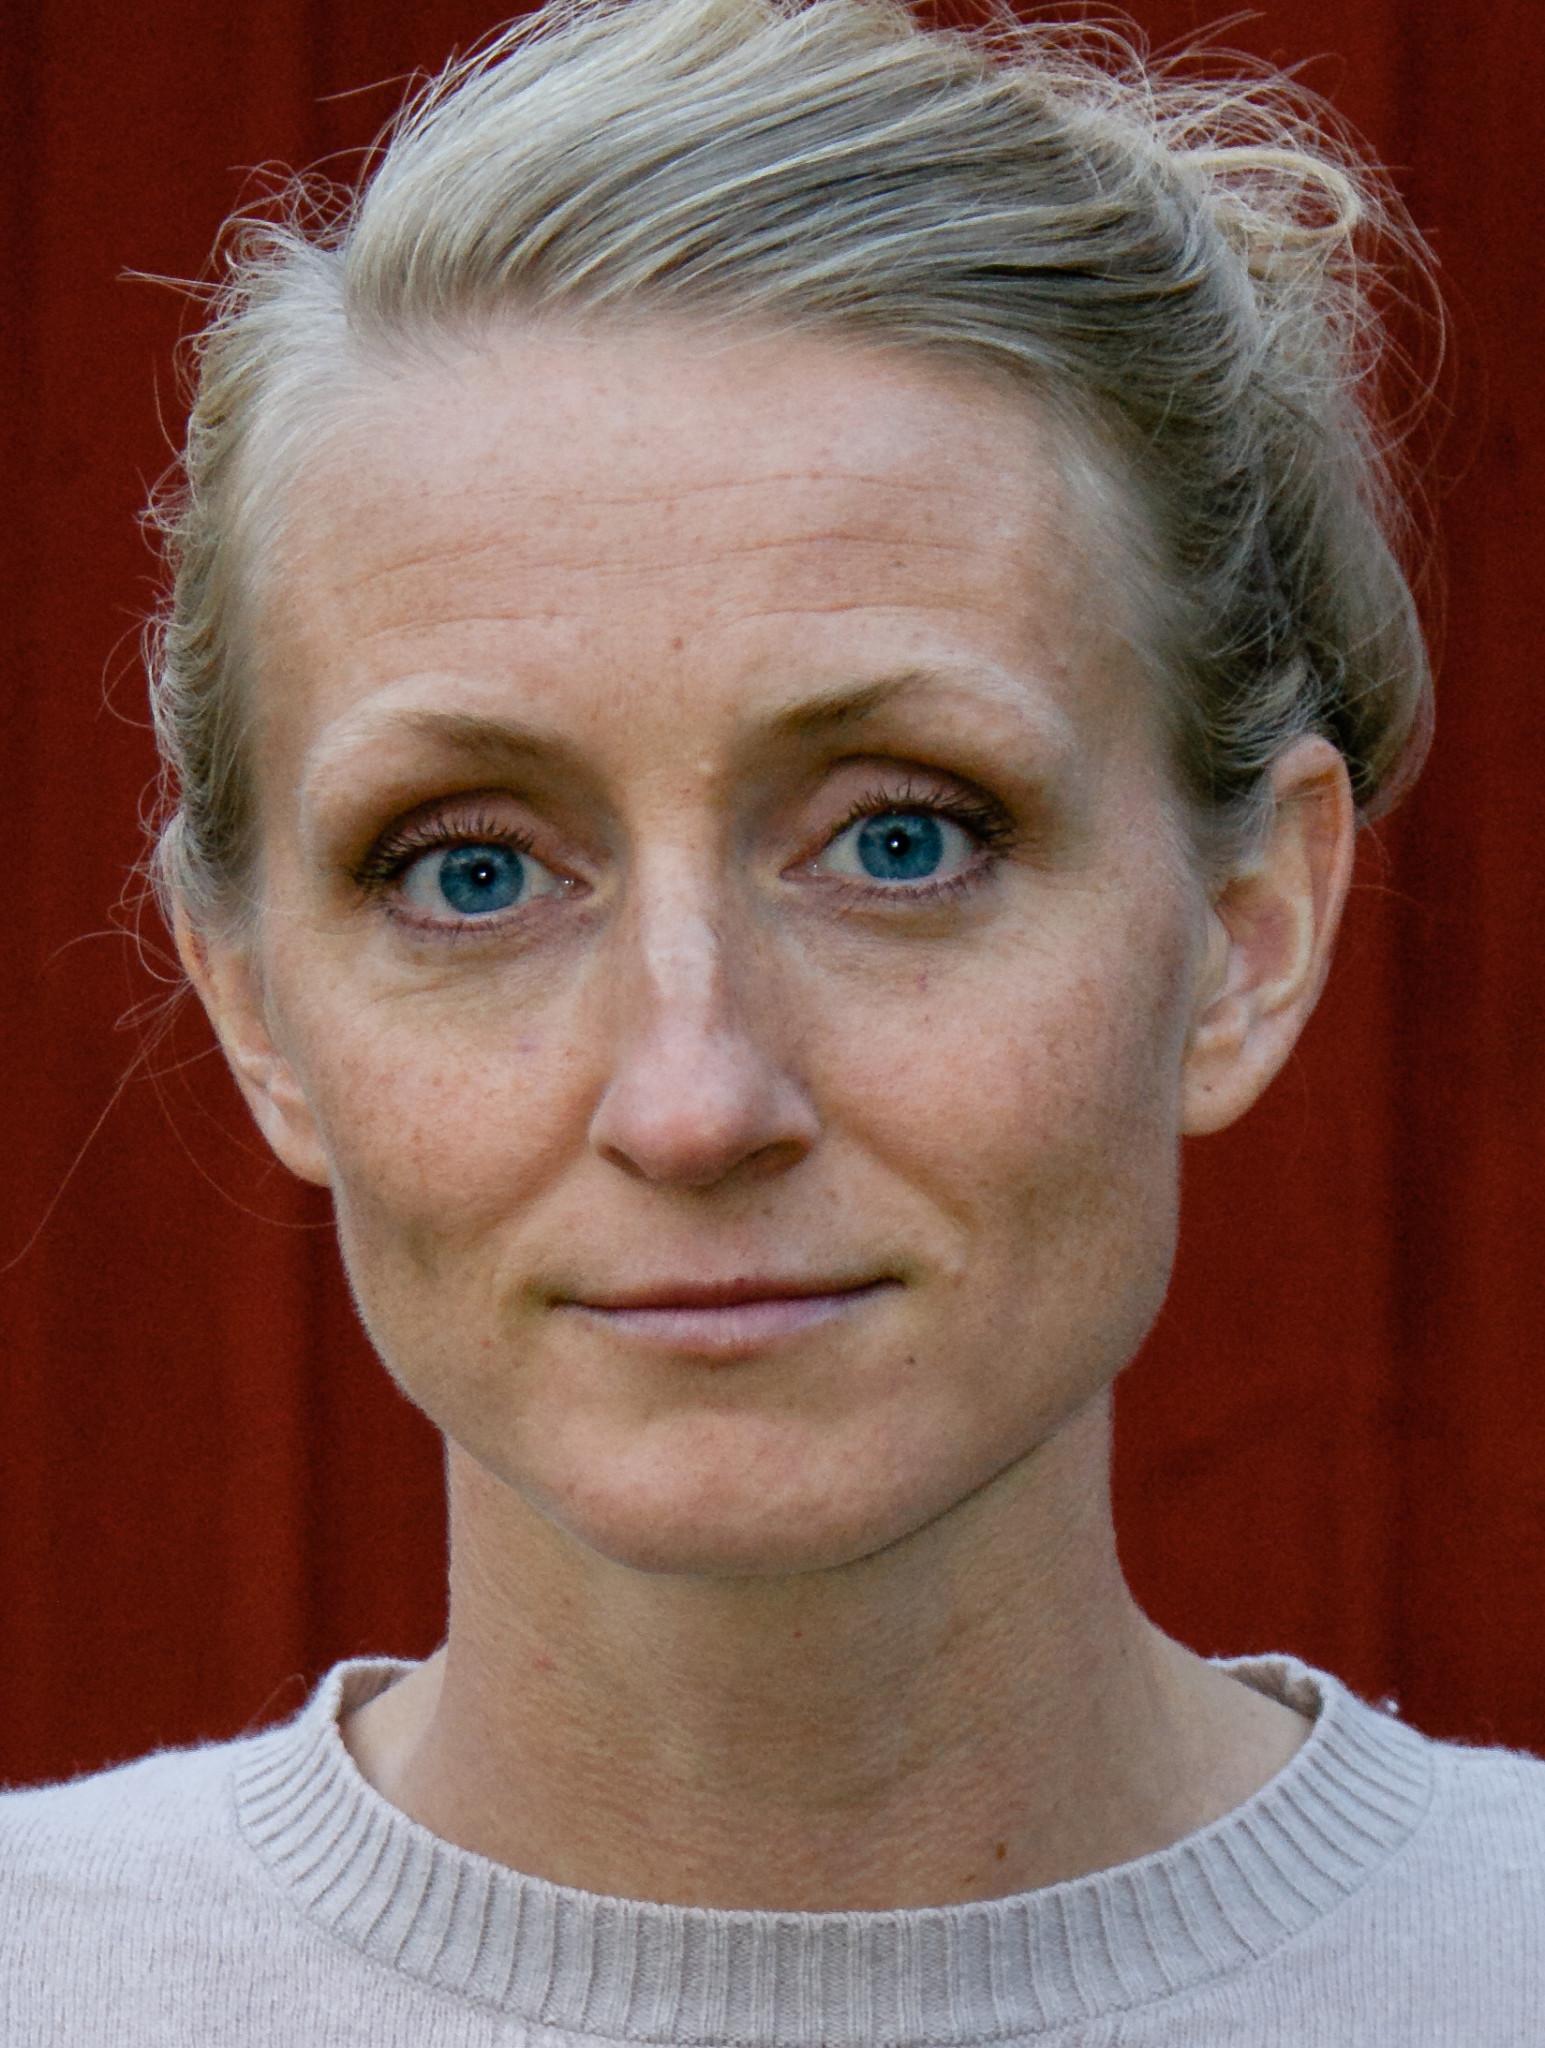 Angelica Simonsson